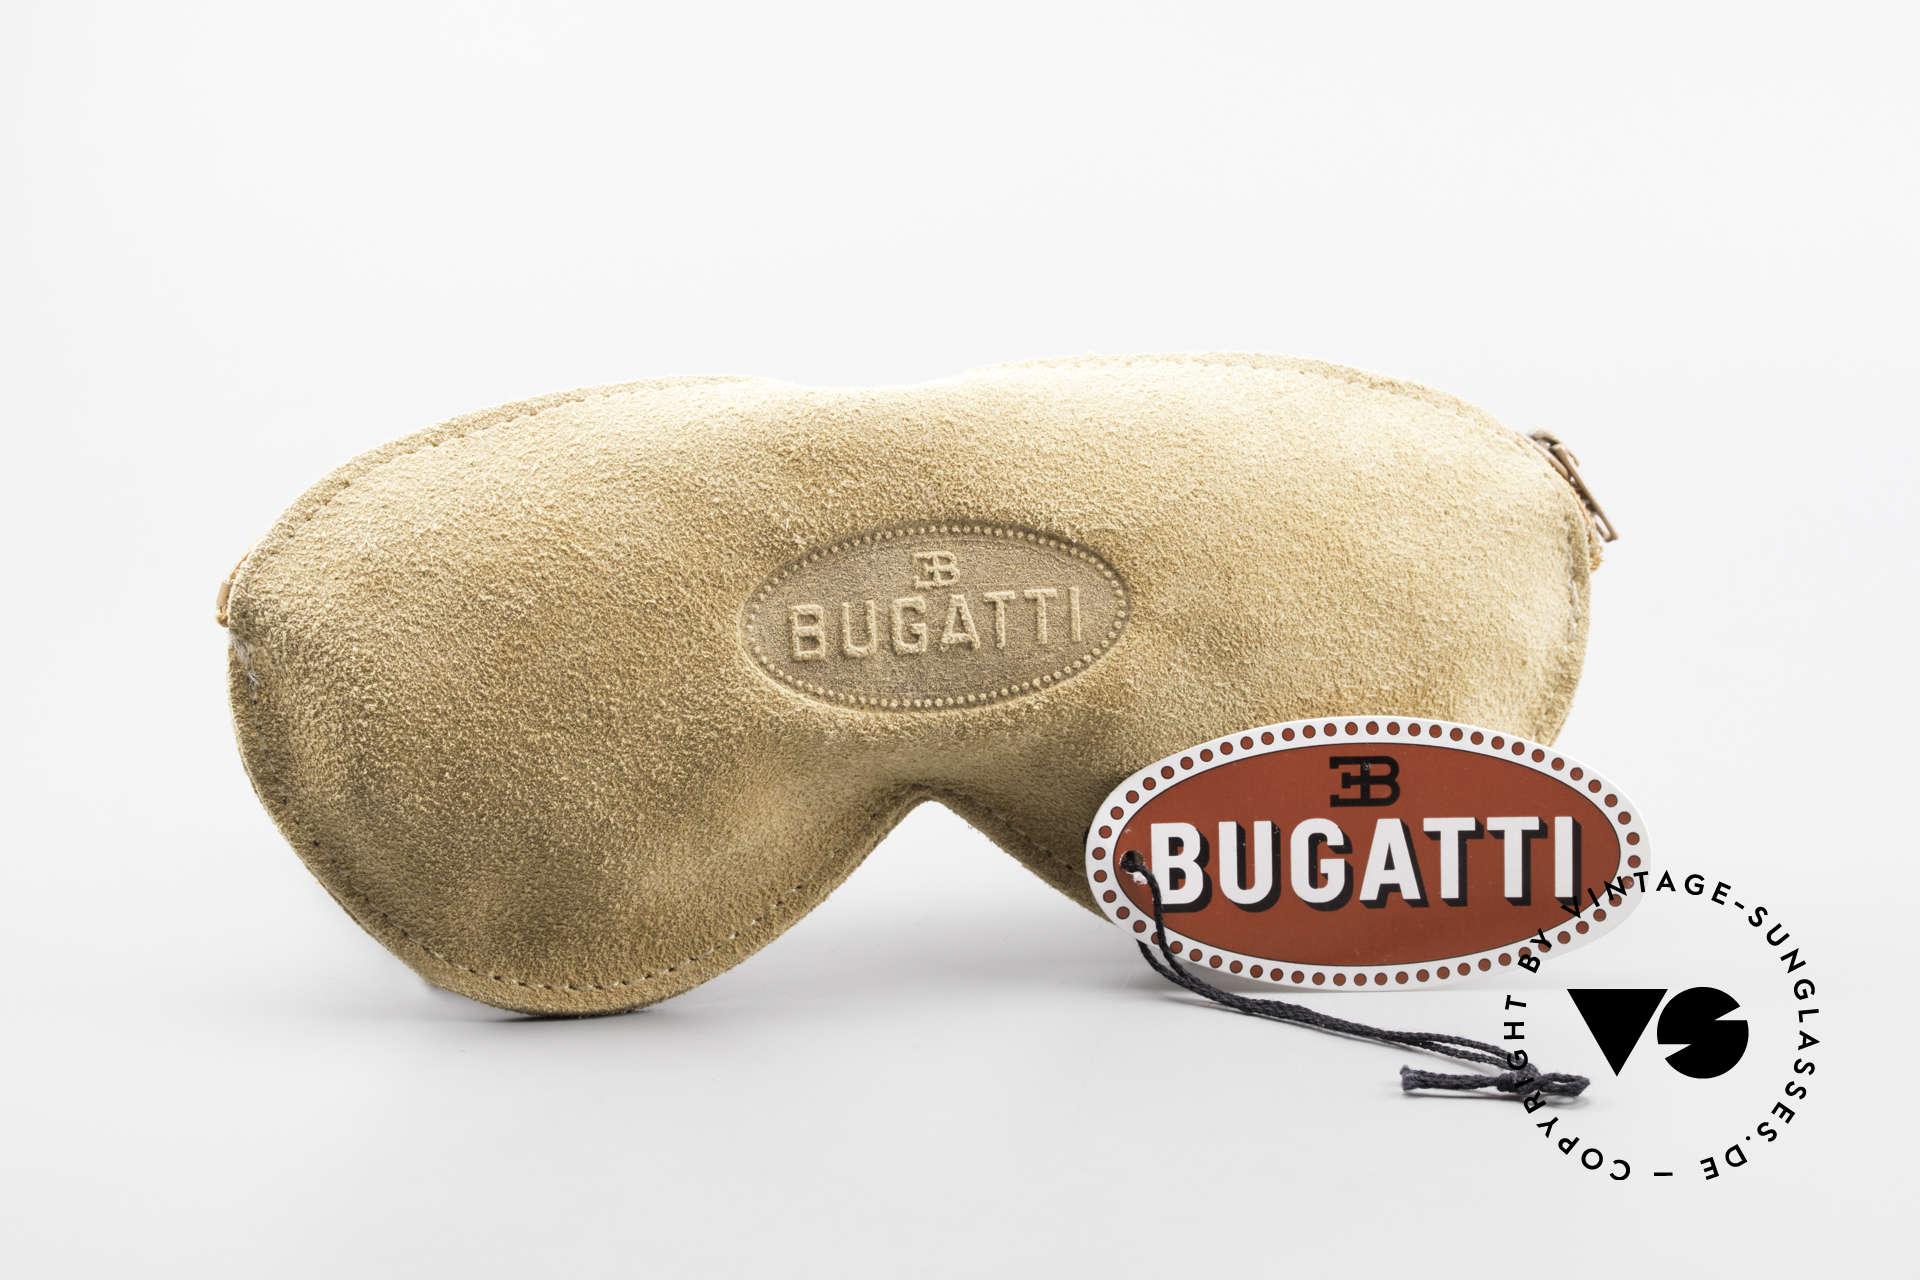 Bugatti 03328T Alte 80er Bugatti Herrenbrille, Sonnengläser können durch optische getauscht werden, Passend für Herren